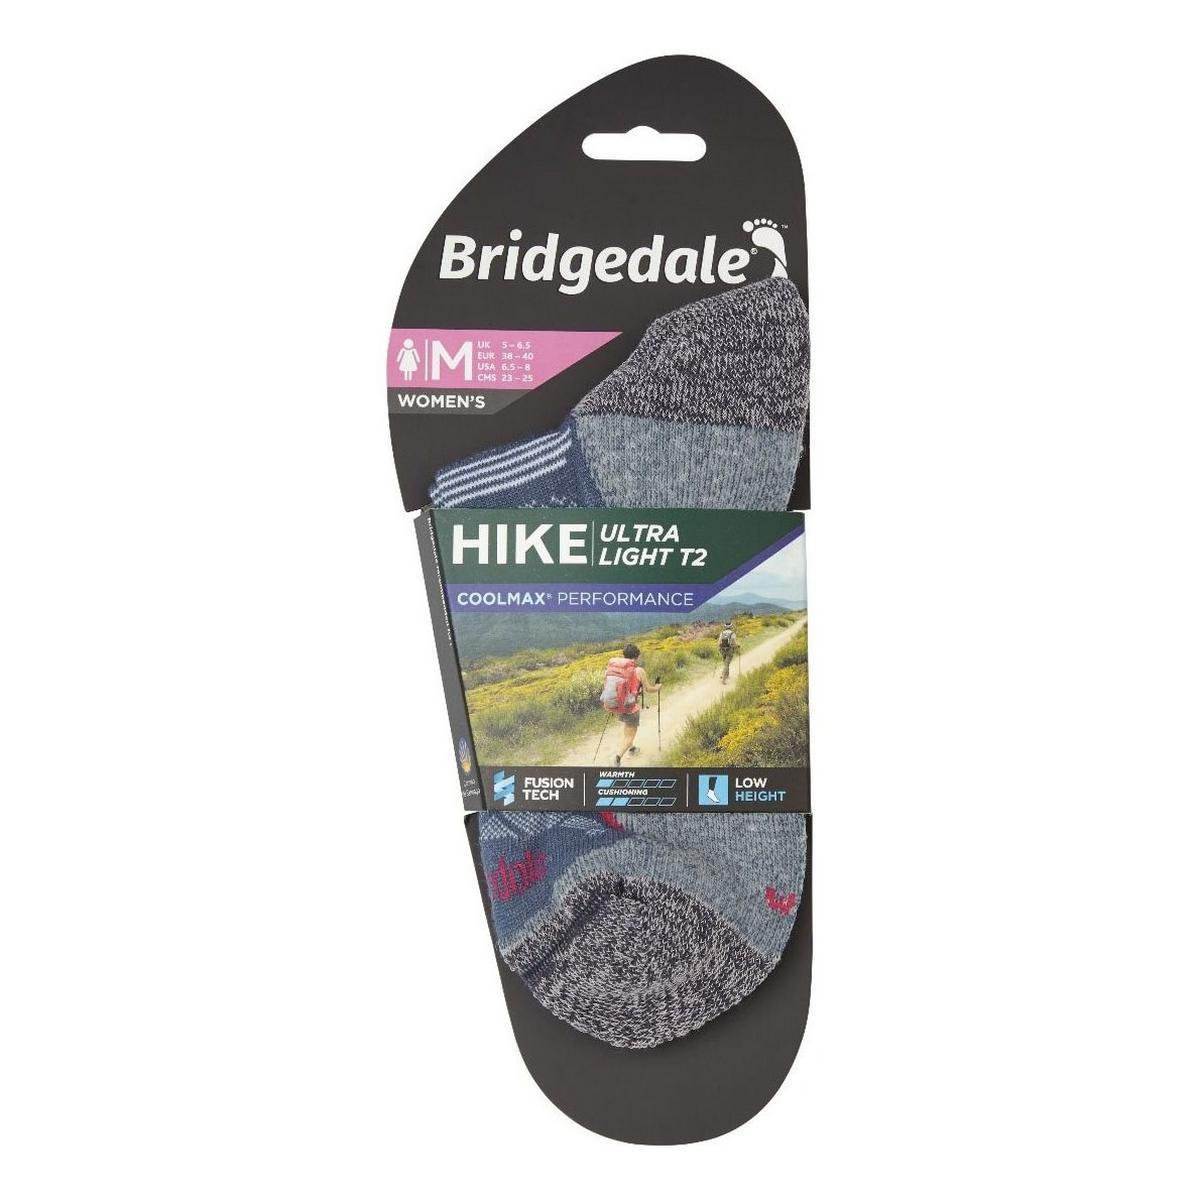 Bridgedale Women's Hike Ultralight T2 - Navy